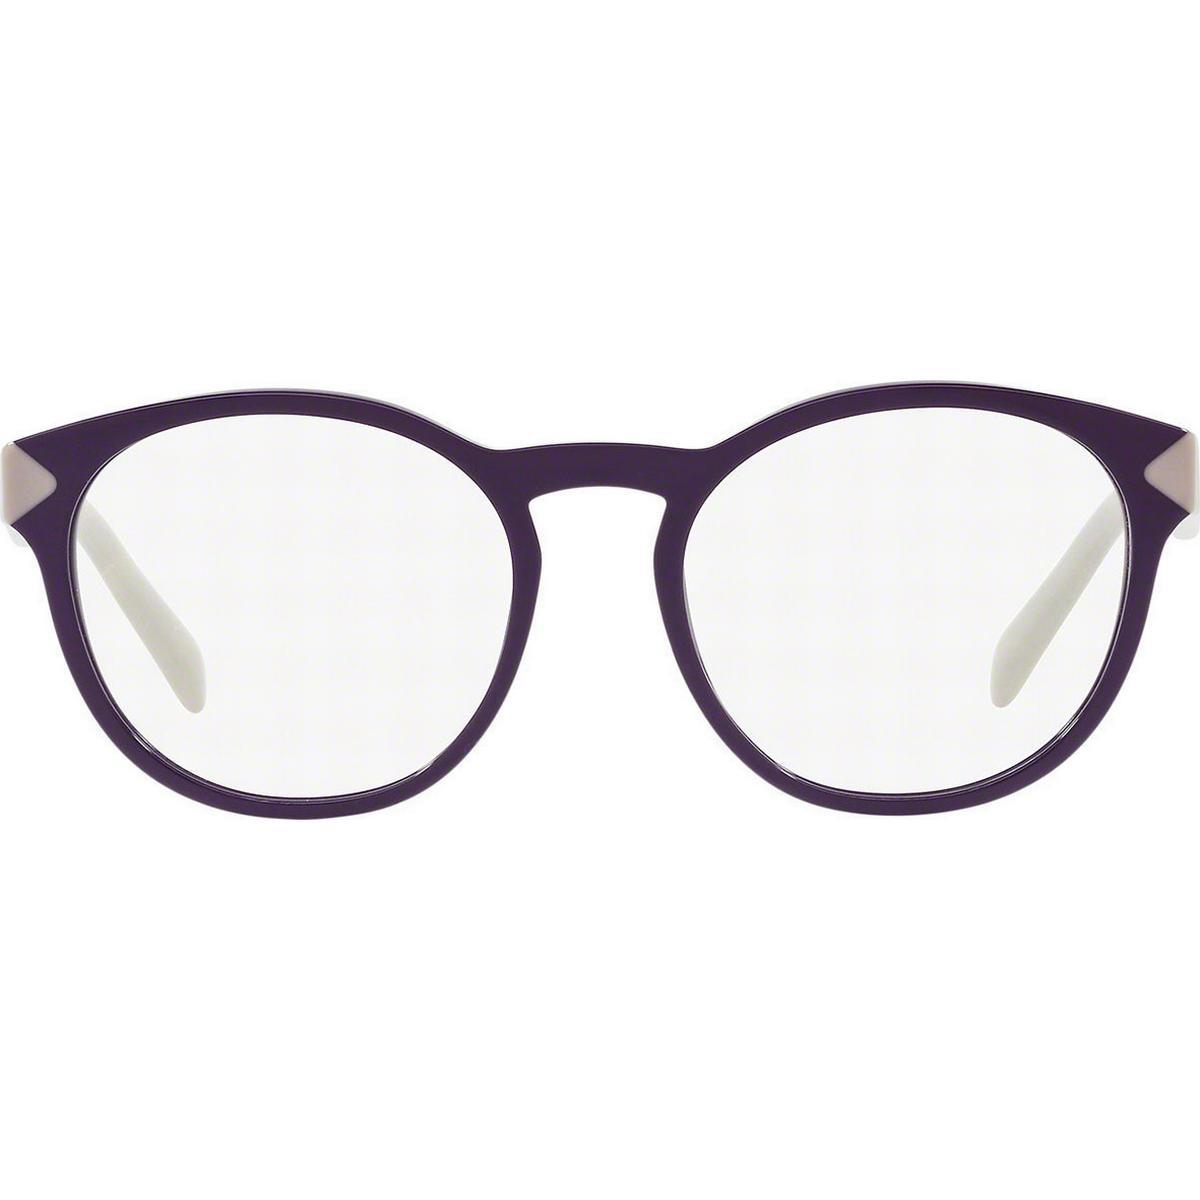 9ec2b82e9f47 Prada Briller - Sammenlign priser hos PriceRunner